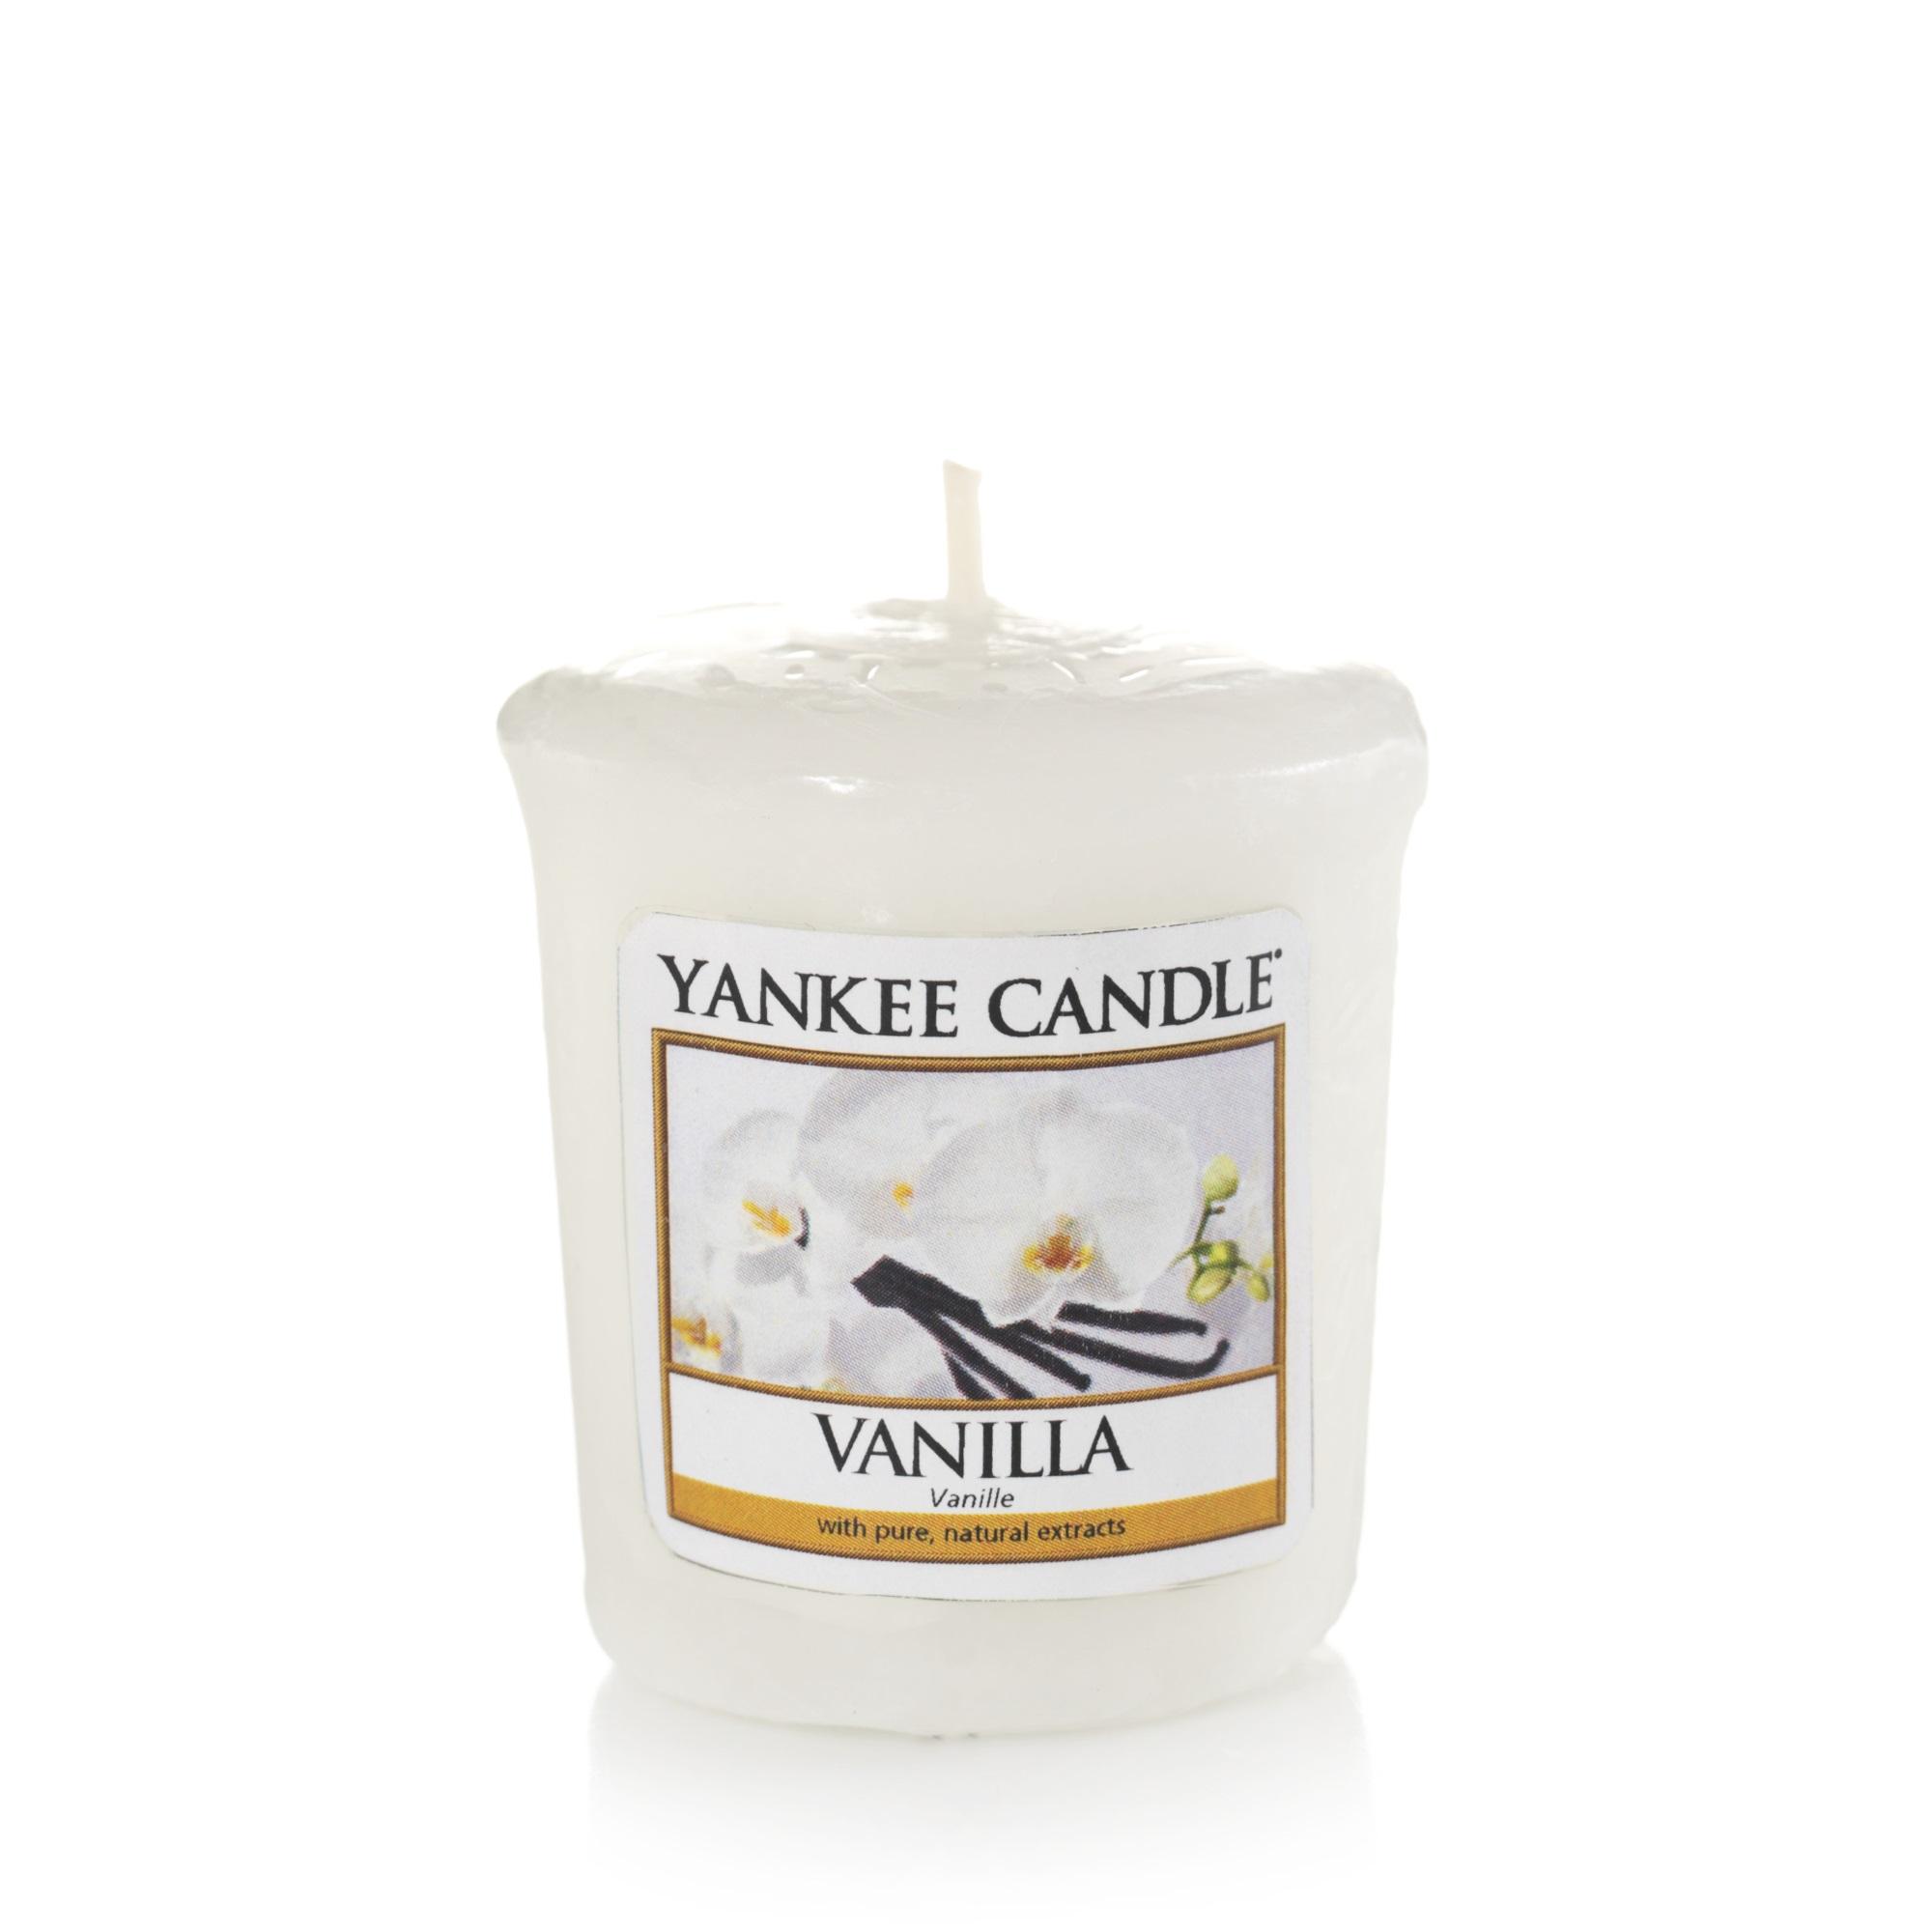 Yankee Candle Duftkerze Votivkerze Sampler 49g Spiced Orange